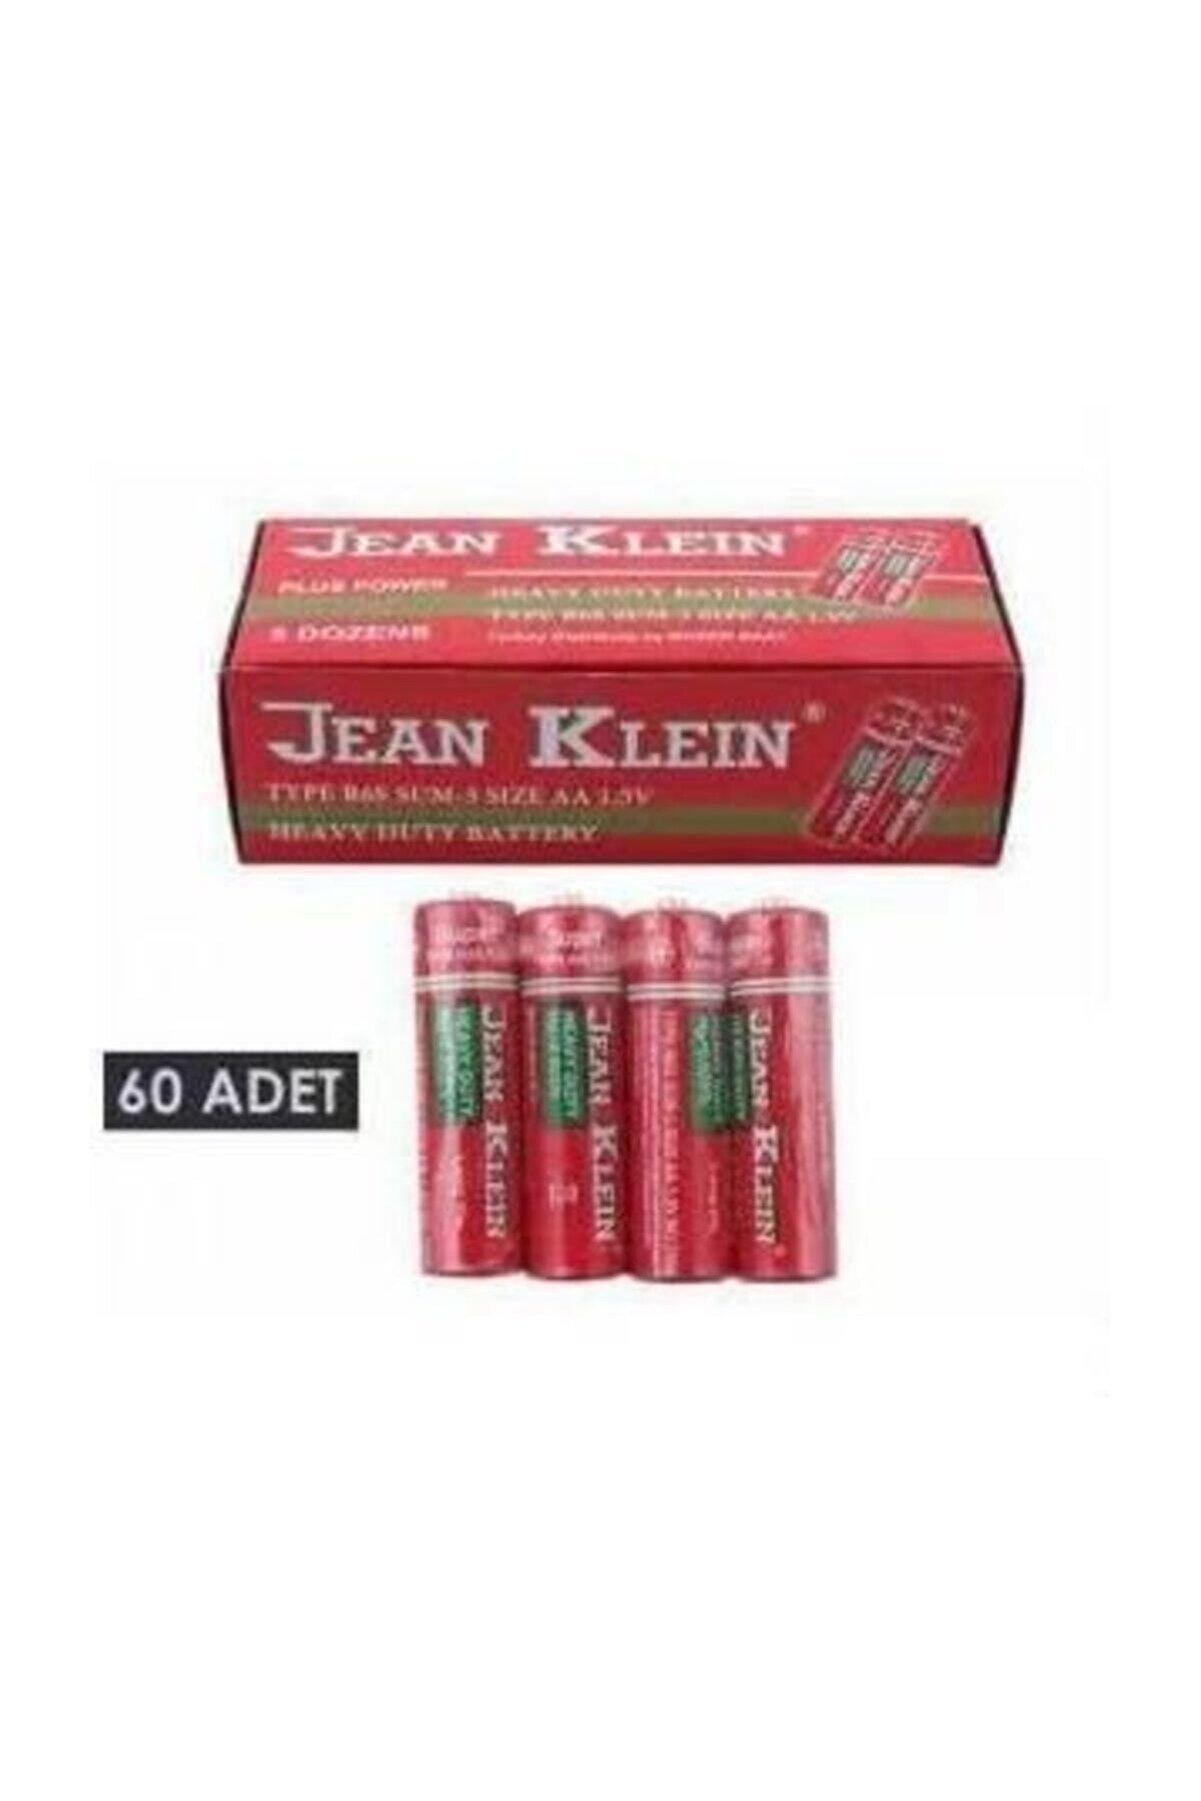 Jean Klein Karbon 1,5v Ince Kalem Pil 60 Adet Karbon 1,5v Kalın Kalem Pil 60 Adet